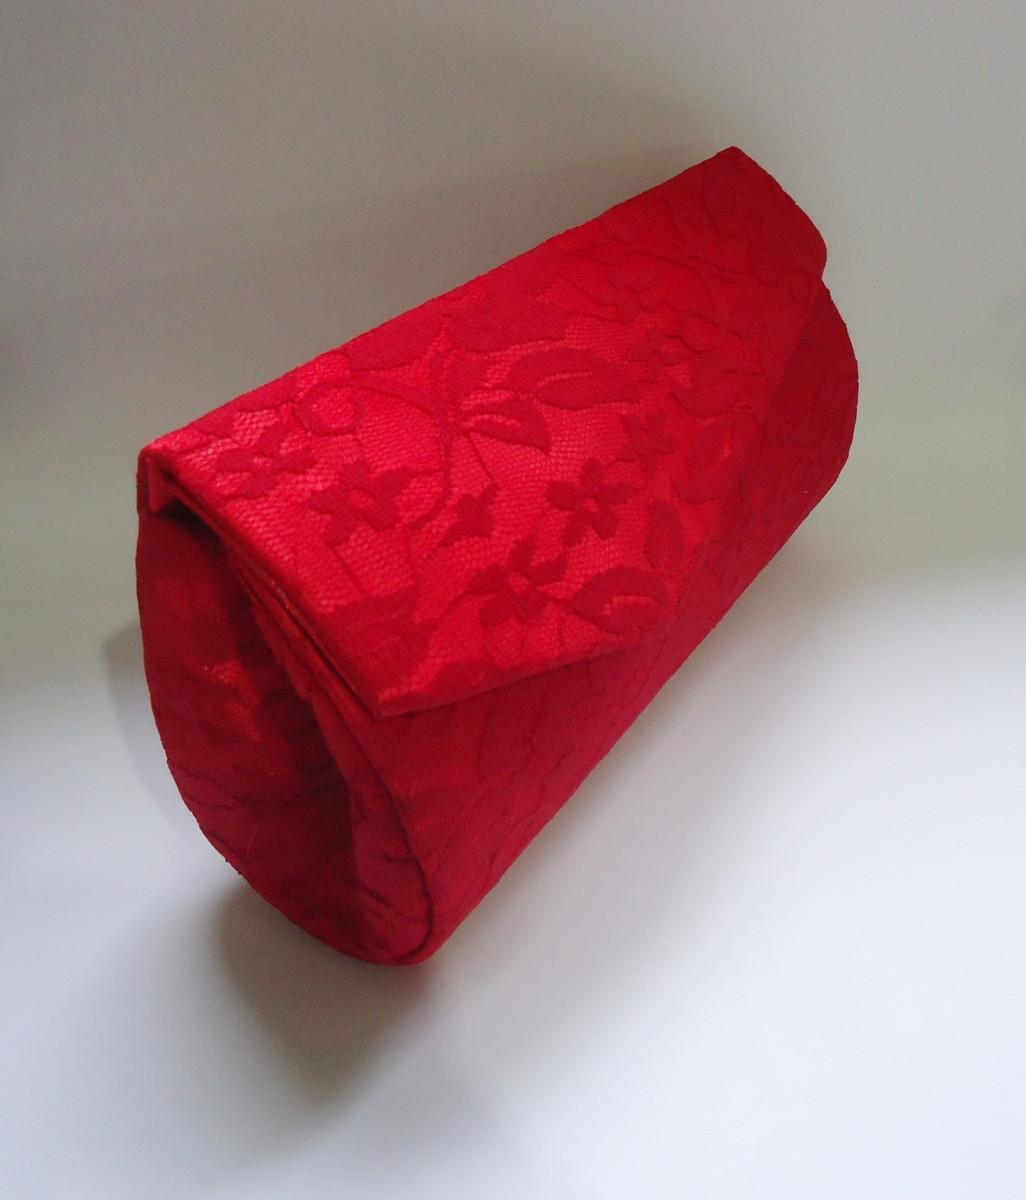 Bolsa De Mão Para Festa Vermelha : Carteira renda vermelha vivi maciel elo